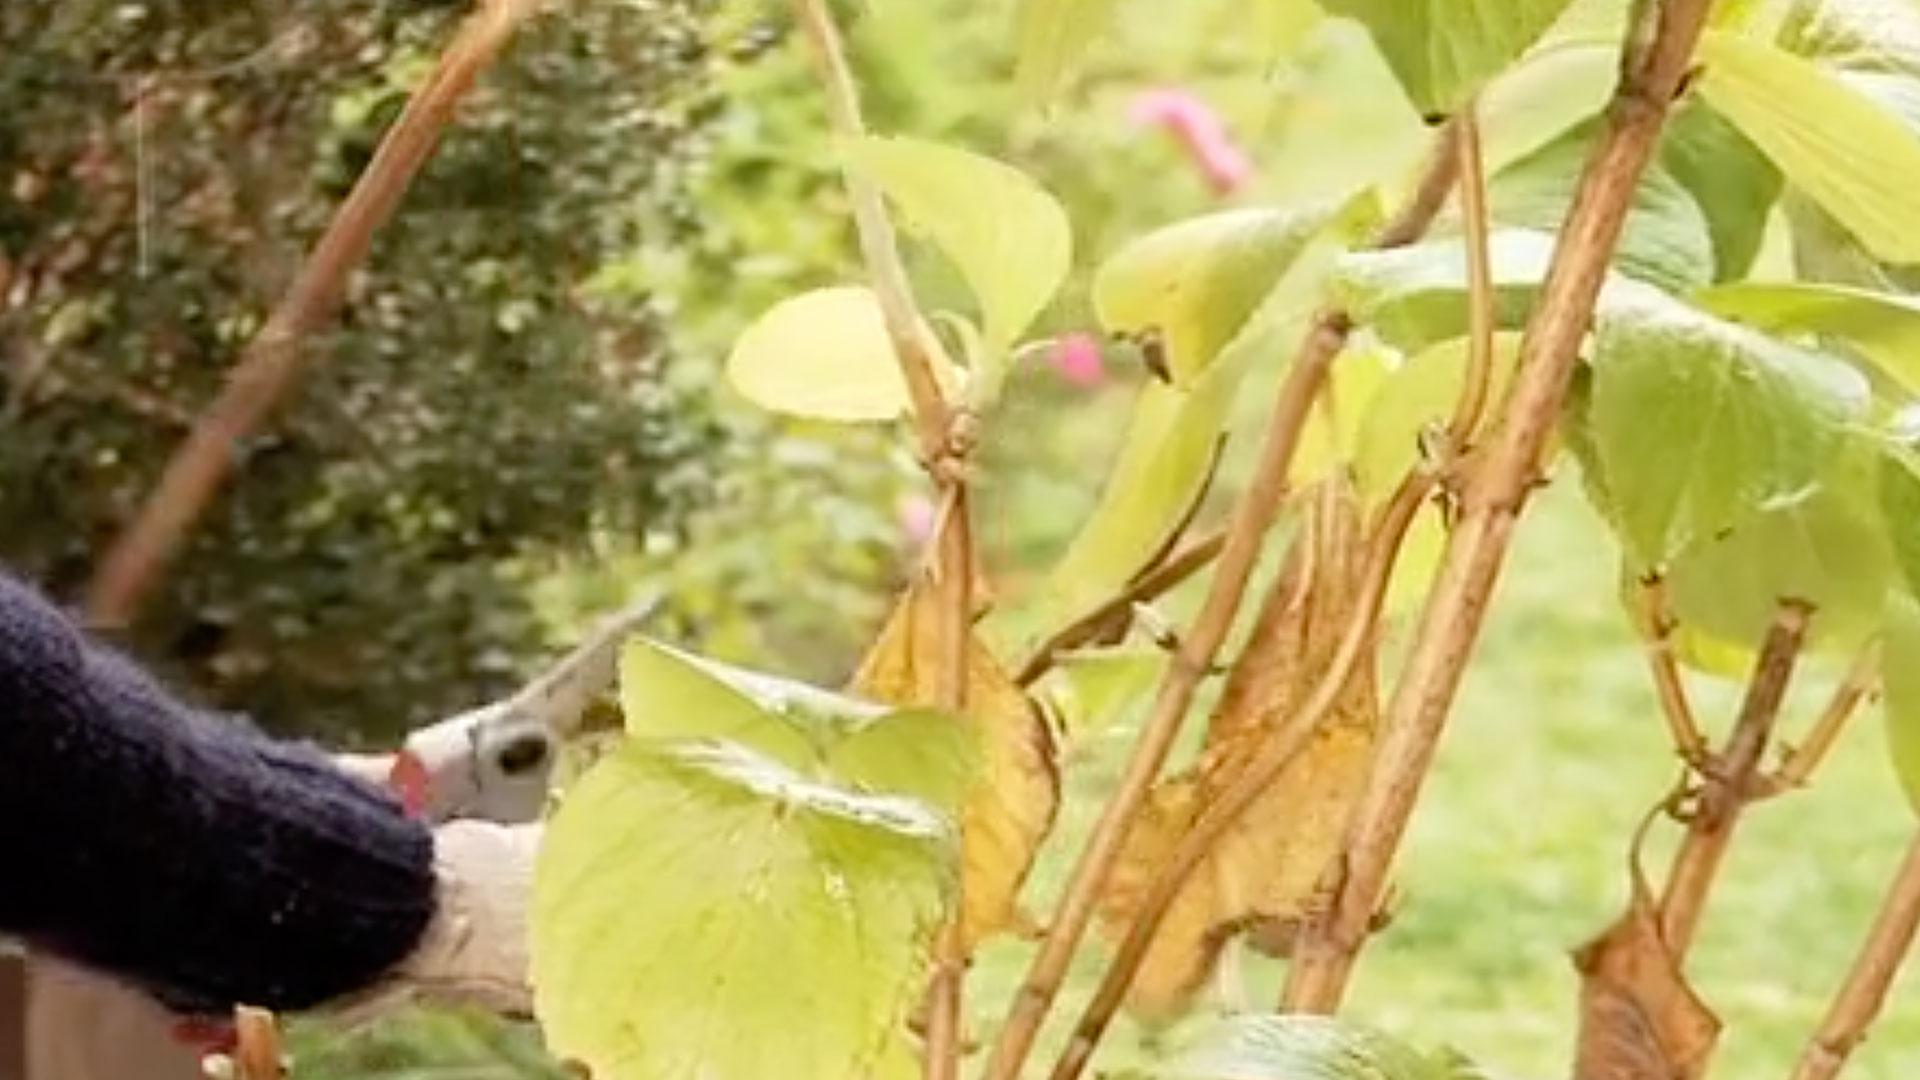 Aunque en la naturaleza las formas de los árboles vienen pre-establecidas, algunos ejemplares se van desordenando a medida que crecen, pero es posible definir o modificar sus formas a través de podas. El caso más exacerbado es el del arte topiario, que busca realizar verdaderas esculturas vegetales. En general, los árboles de crecimiento lento requieren poda mínima, sin embargo, en algunos casos es conveniente definir mejor su estructura a través de una poda de formación.